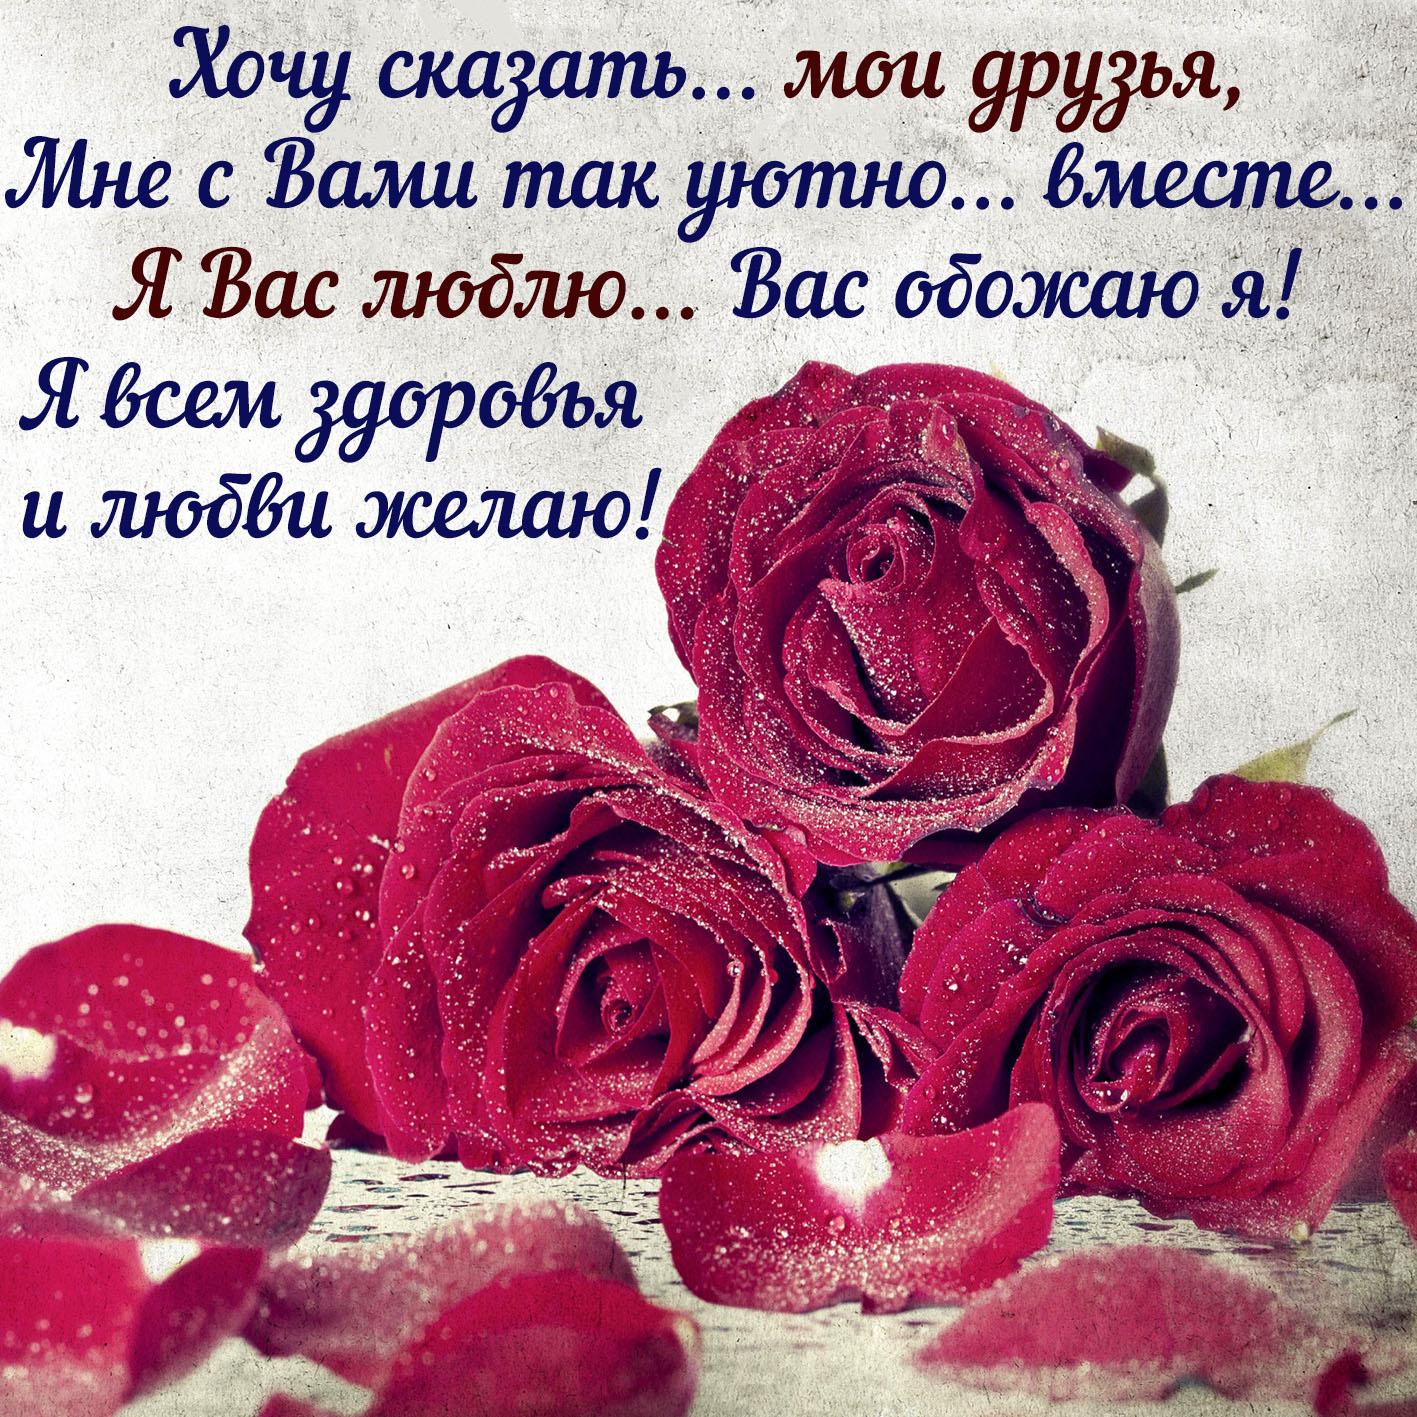 Картинка для друзей с бордовыми розами